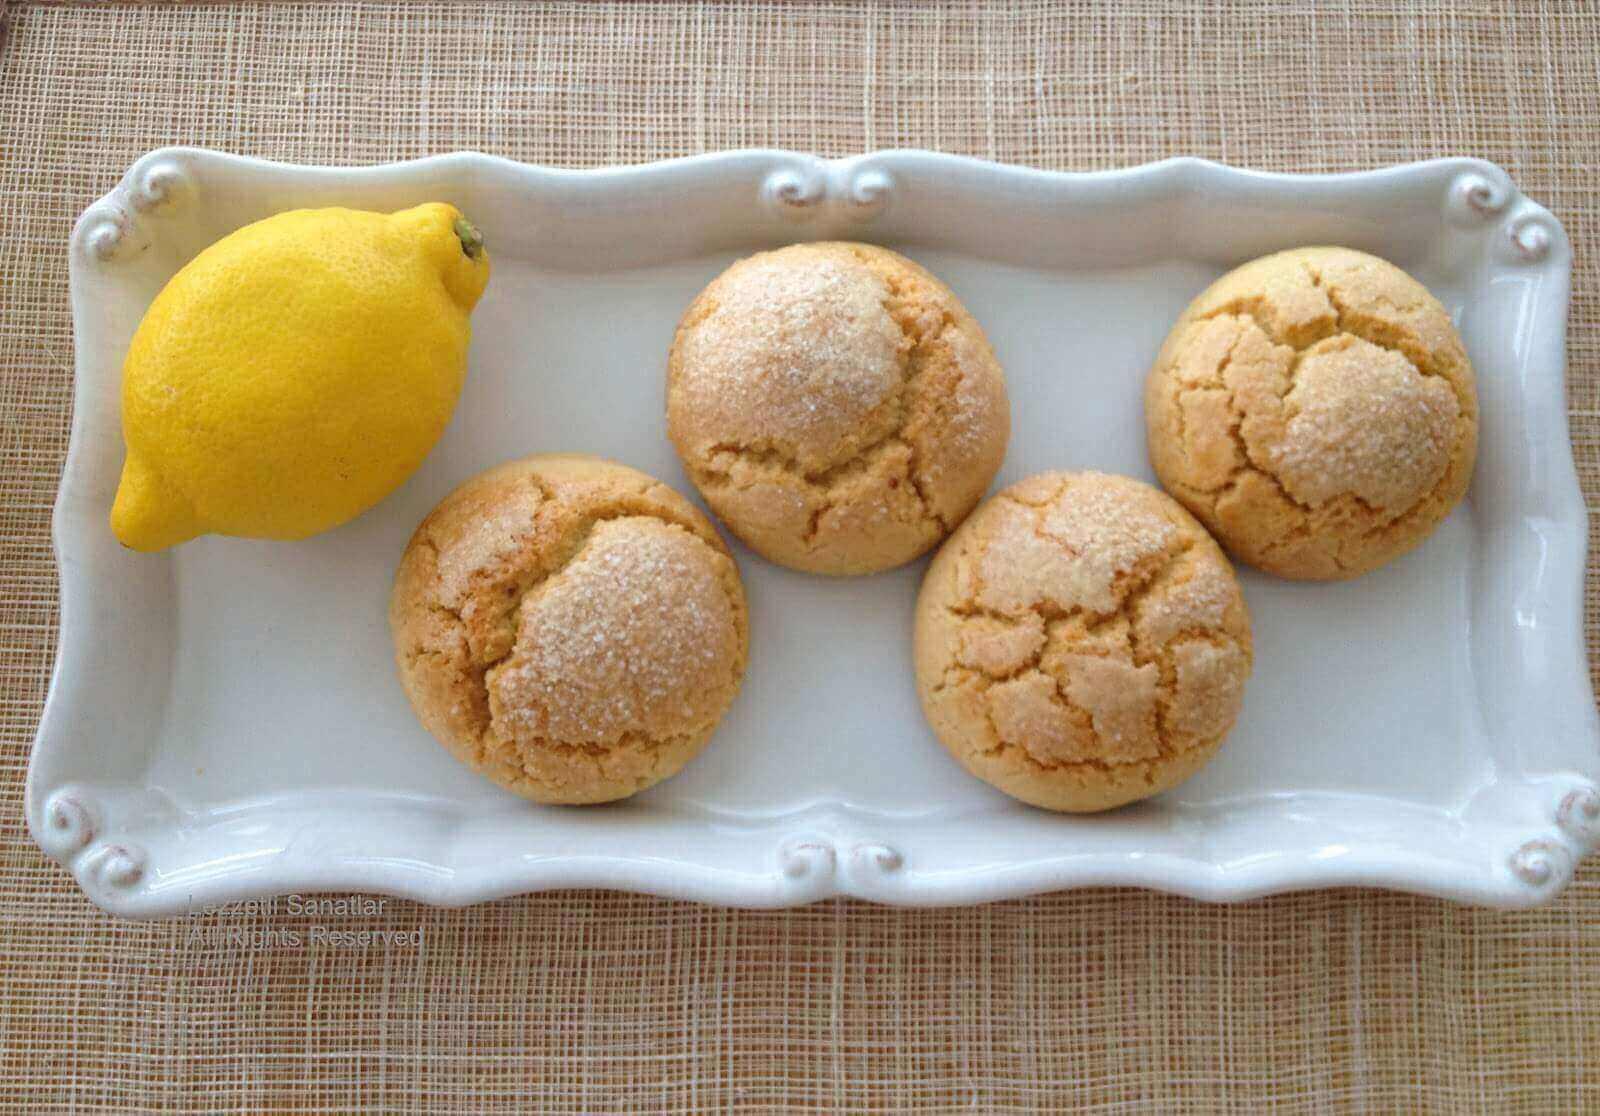 Zitronenplätzchen - Limonlu Kurabiye